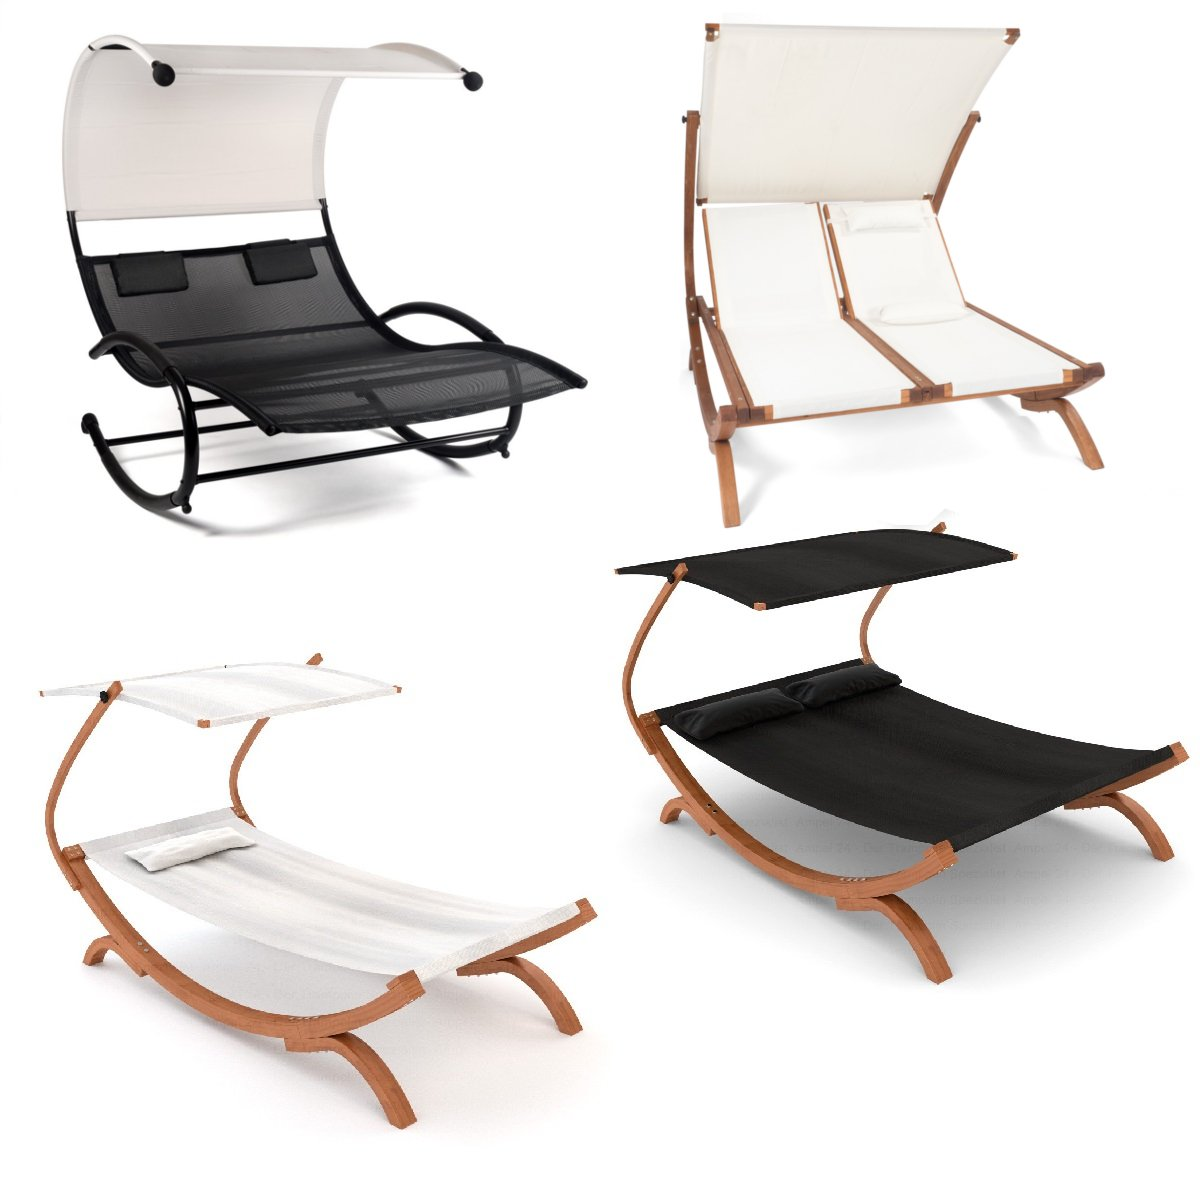 Ampel 24 Lounge Gartenmobel Weiss Oder Schwarz Relax Sonnenliege Mit Dach Holz Gestell Gartenliege Wetterfest Preisluchs Com